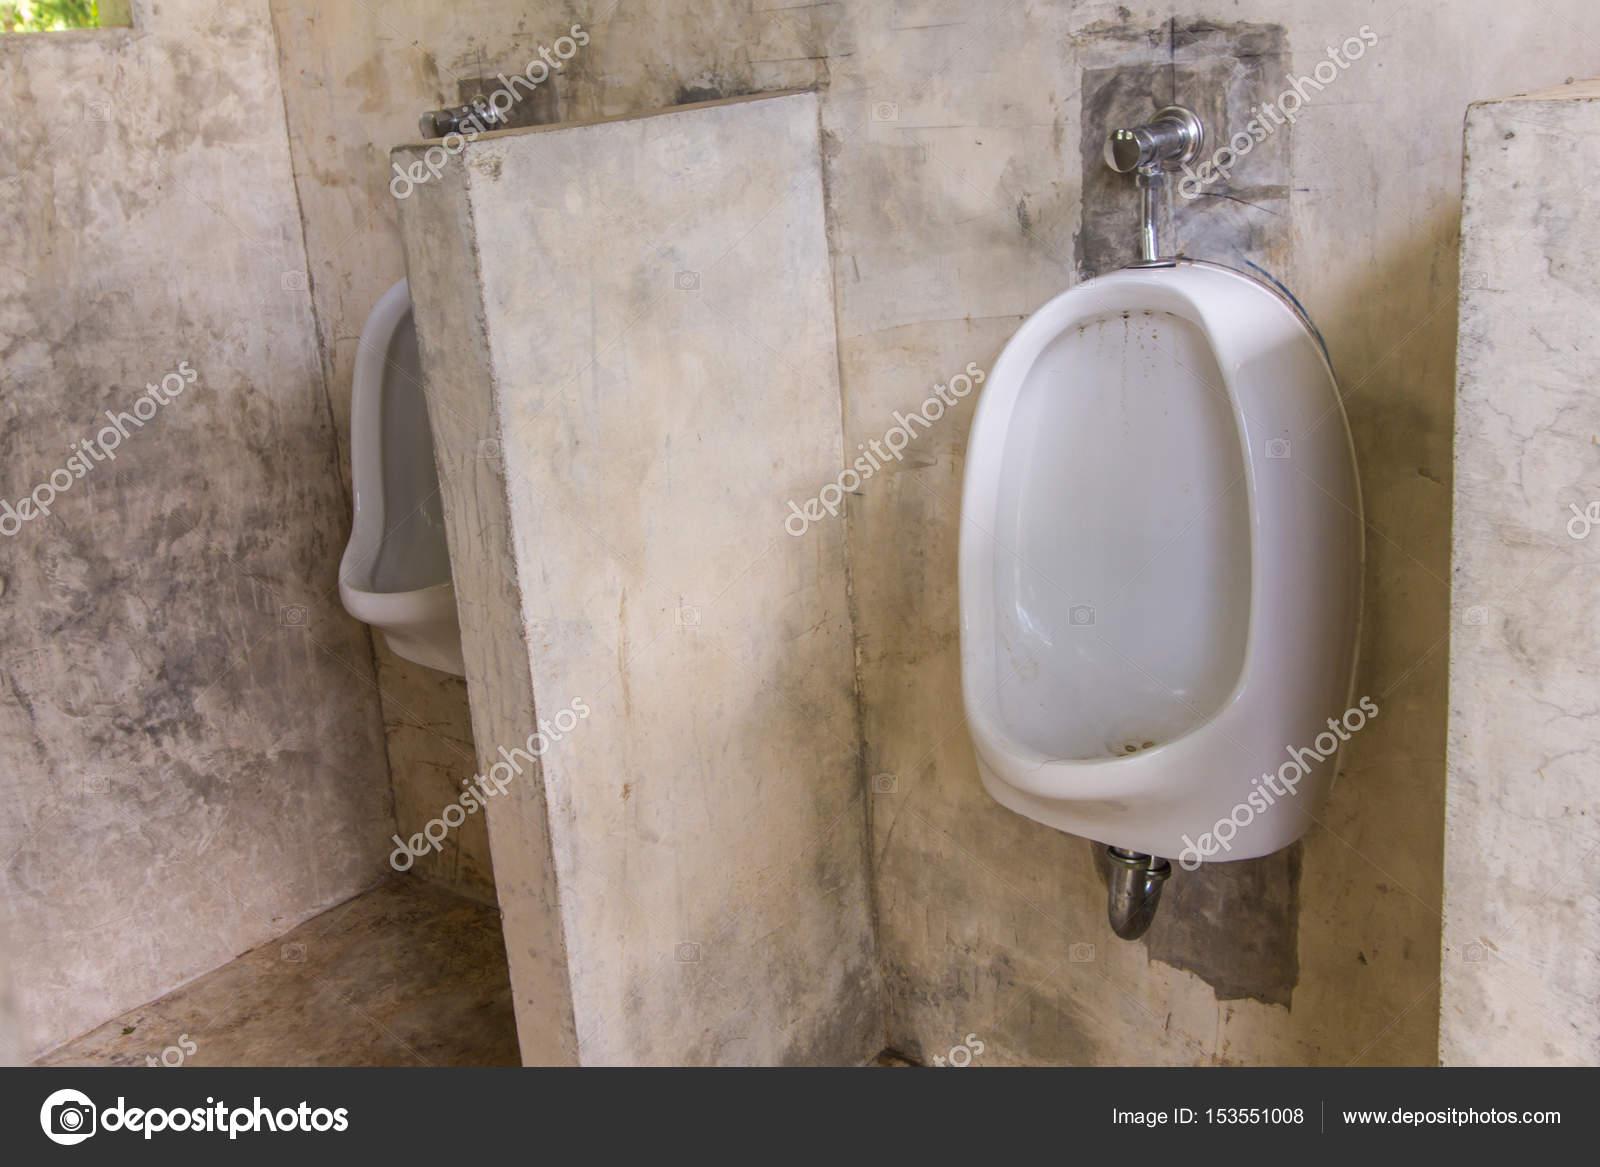 Urinoir In Badkamer : Urinoir in wc badkamer van de mannen u2014 stockfoto © prwstd ben